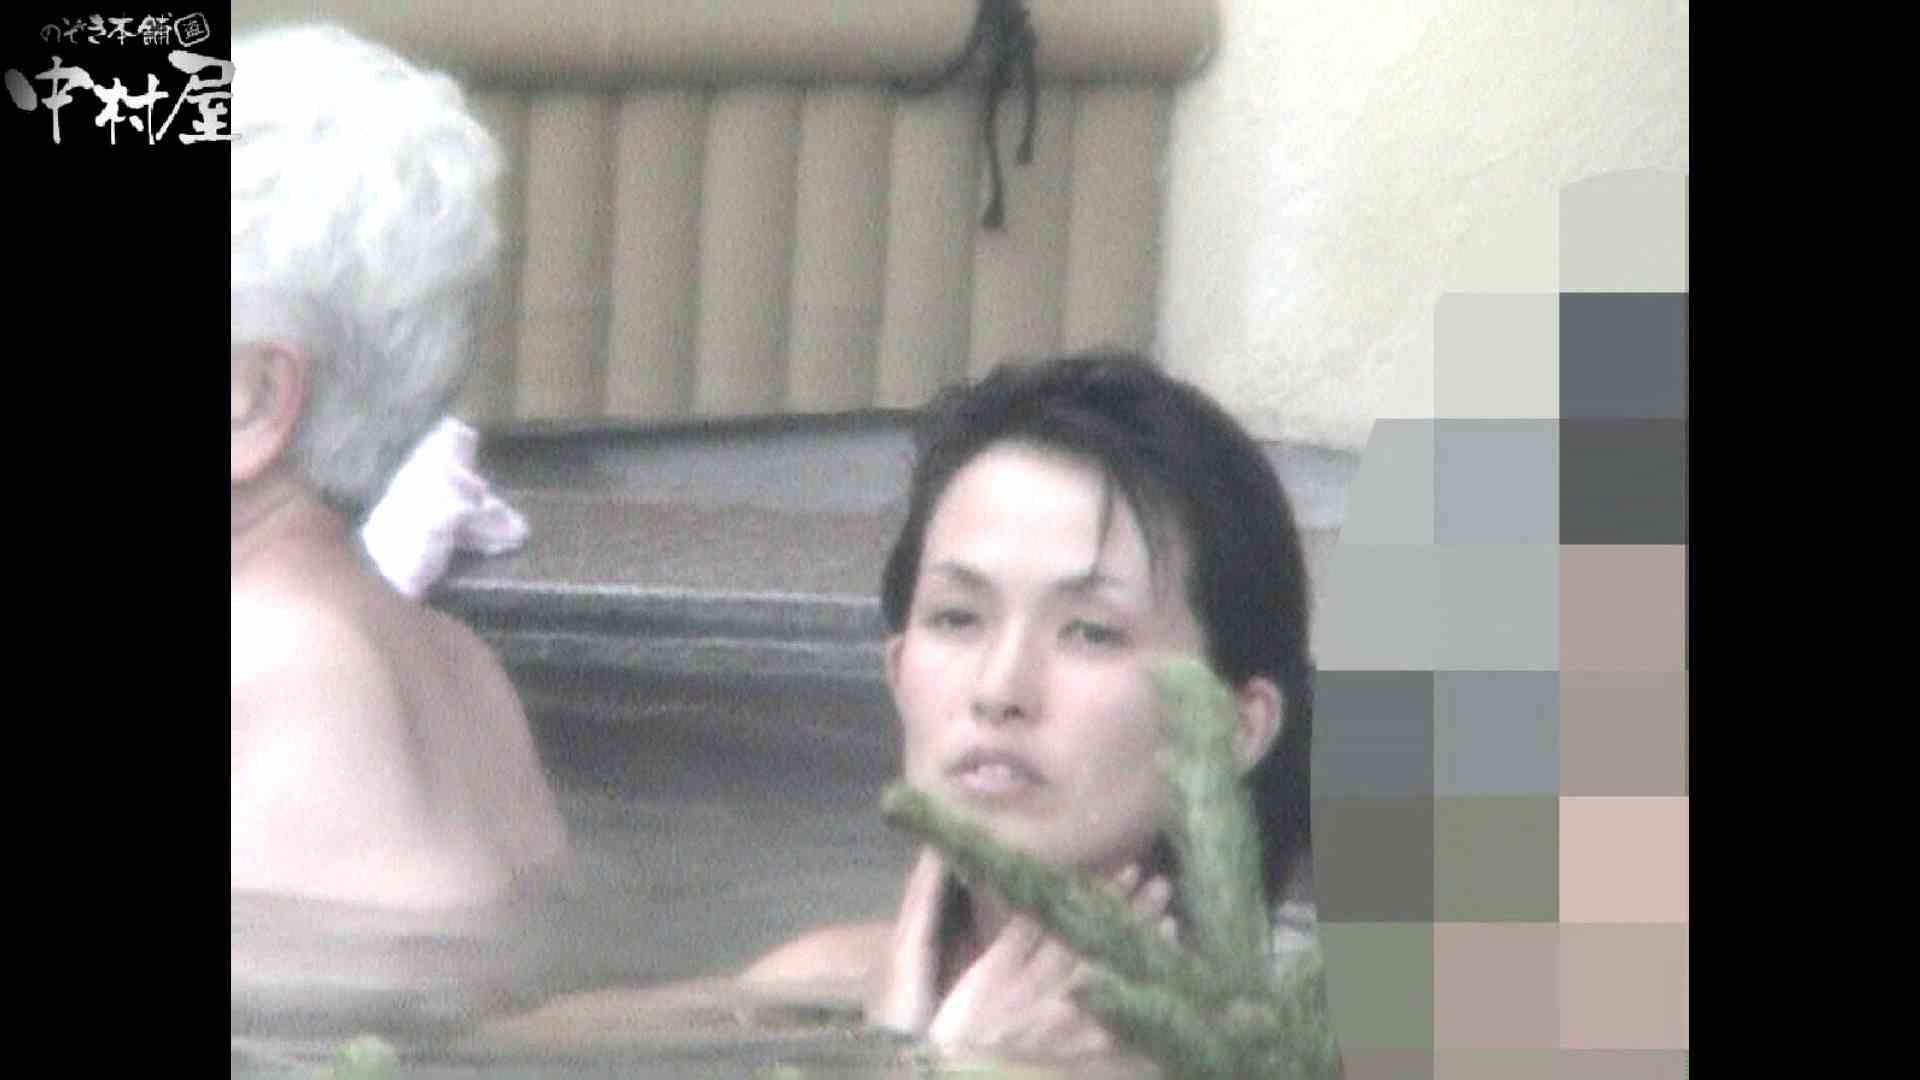 Aquaな露天風呂Vol.933 OLのエロ生活 ワレメ無修正動画無料 74連発 65